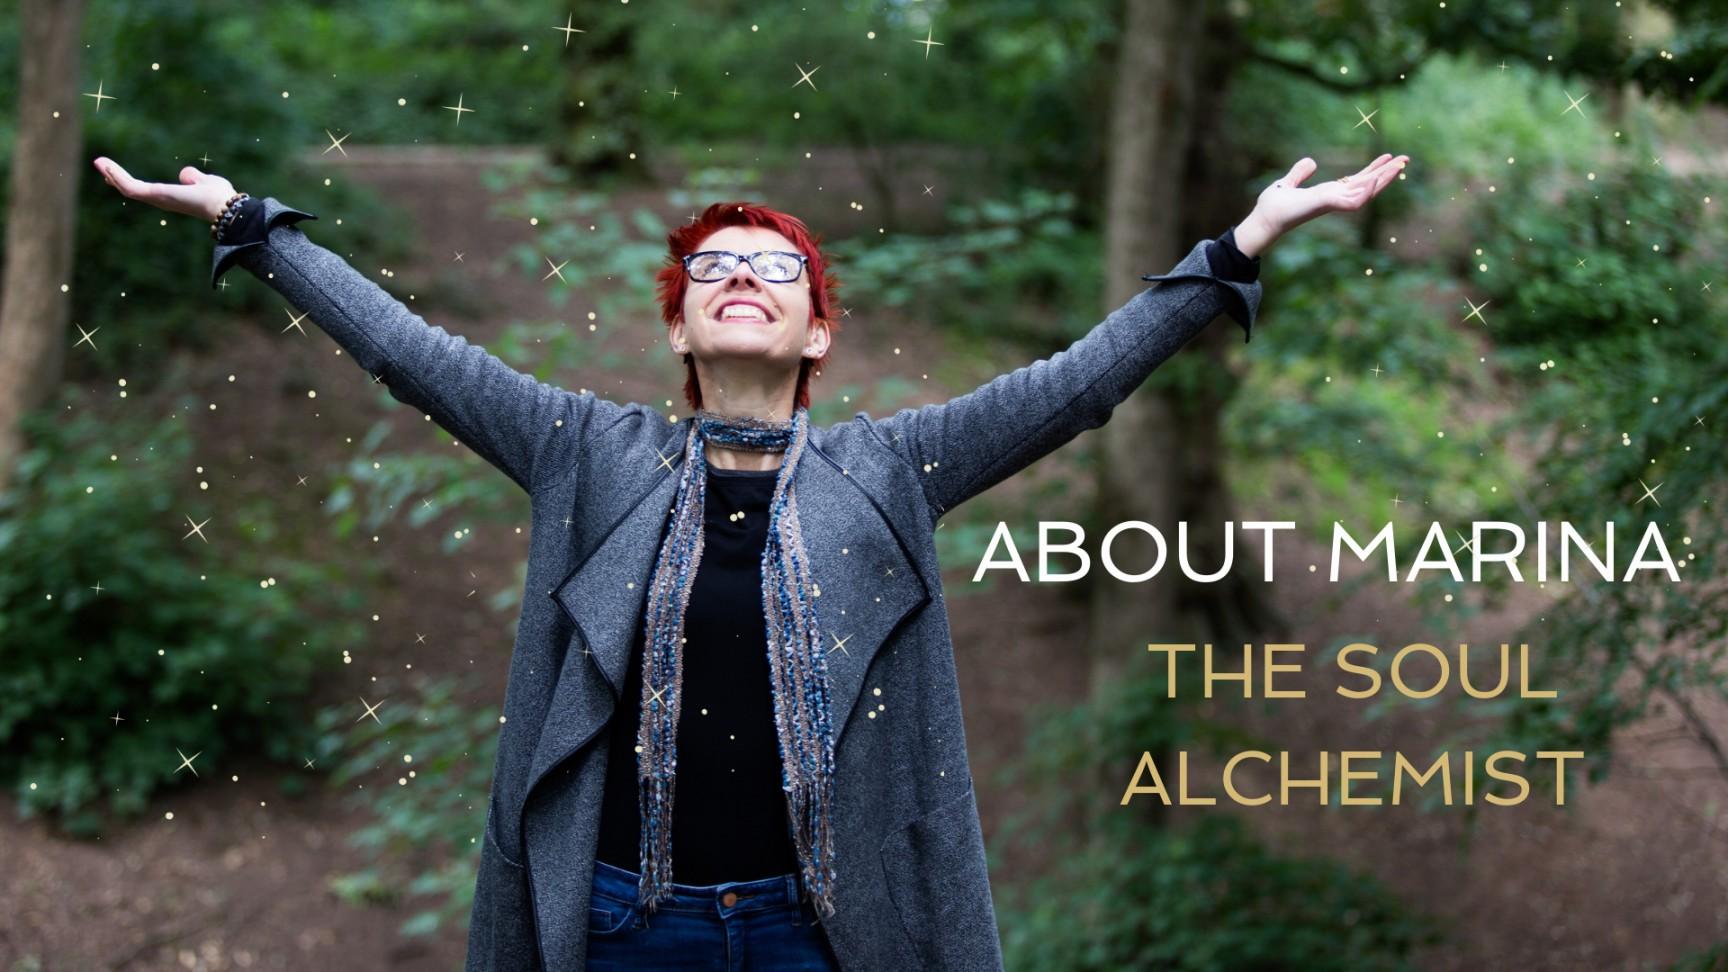 About Marina the soul alchemist